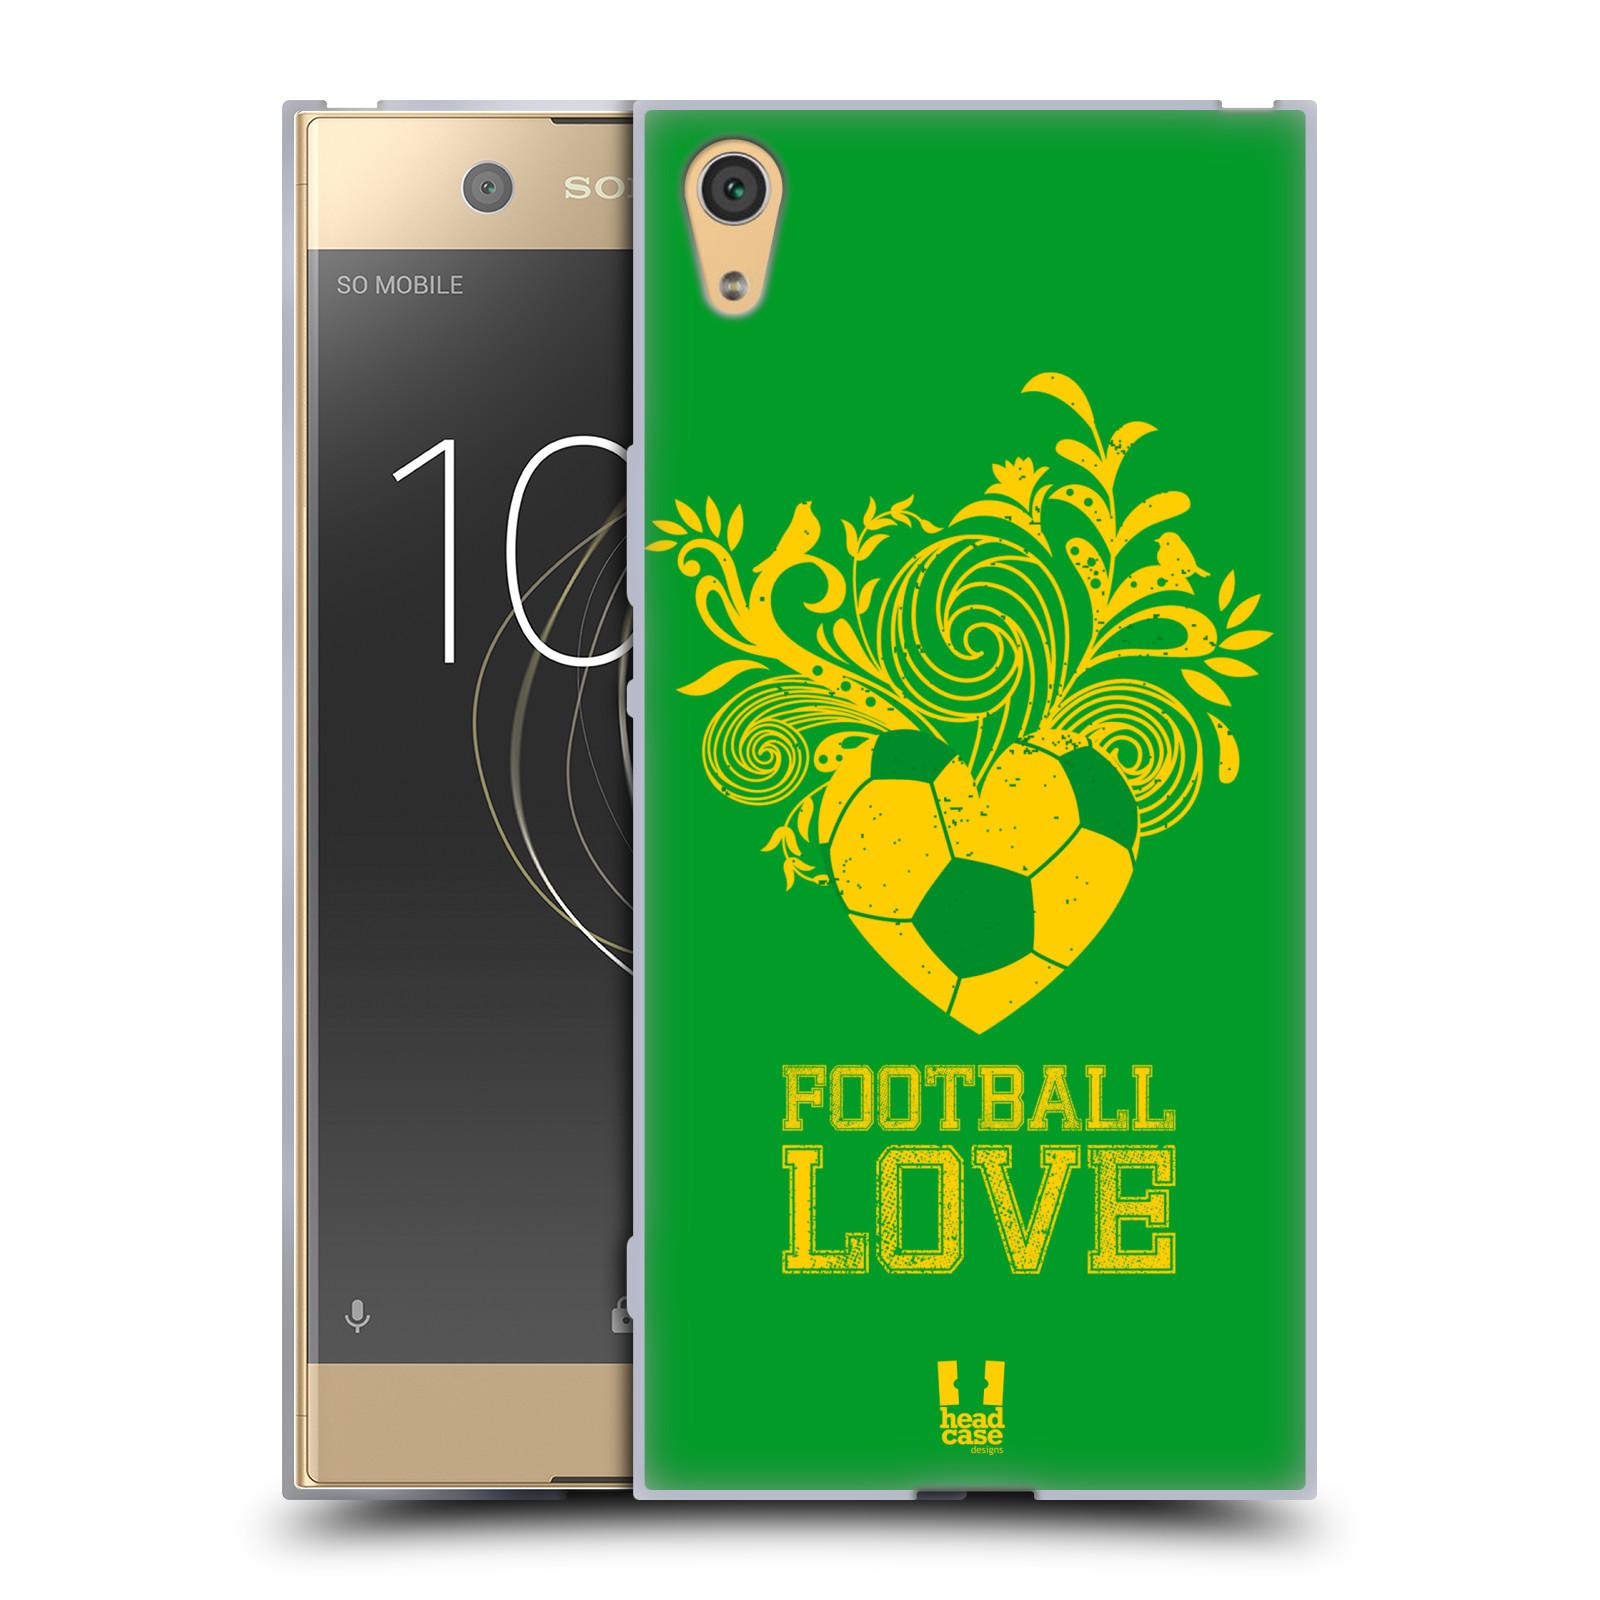 HEAD CASE silikonový obal na mobil Sony Xperia XA1 ULTRA Sport fotbalová láska zelená barva